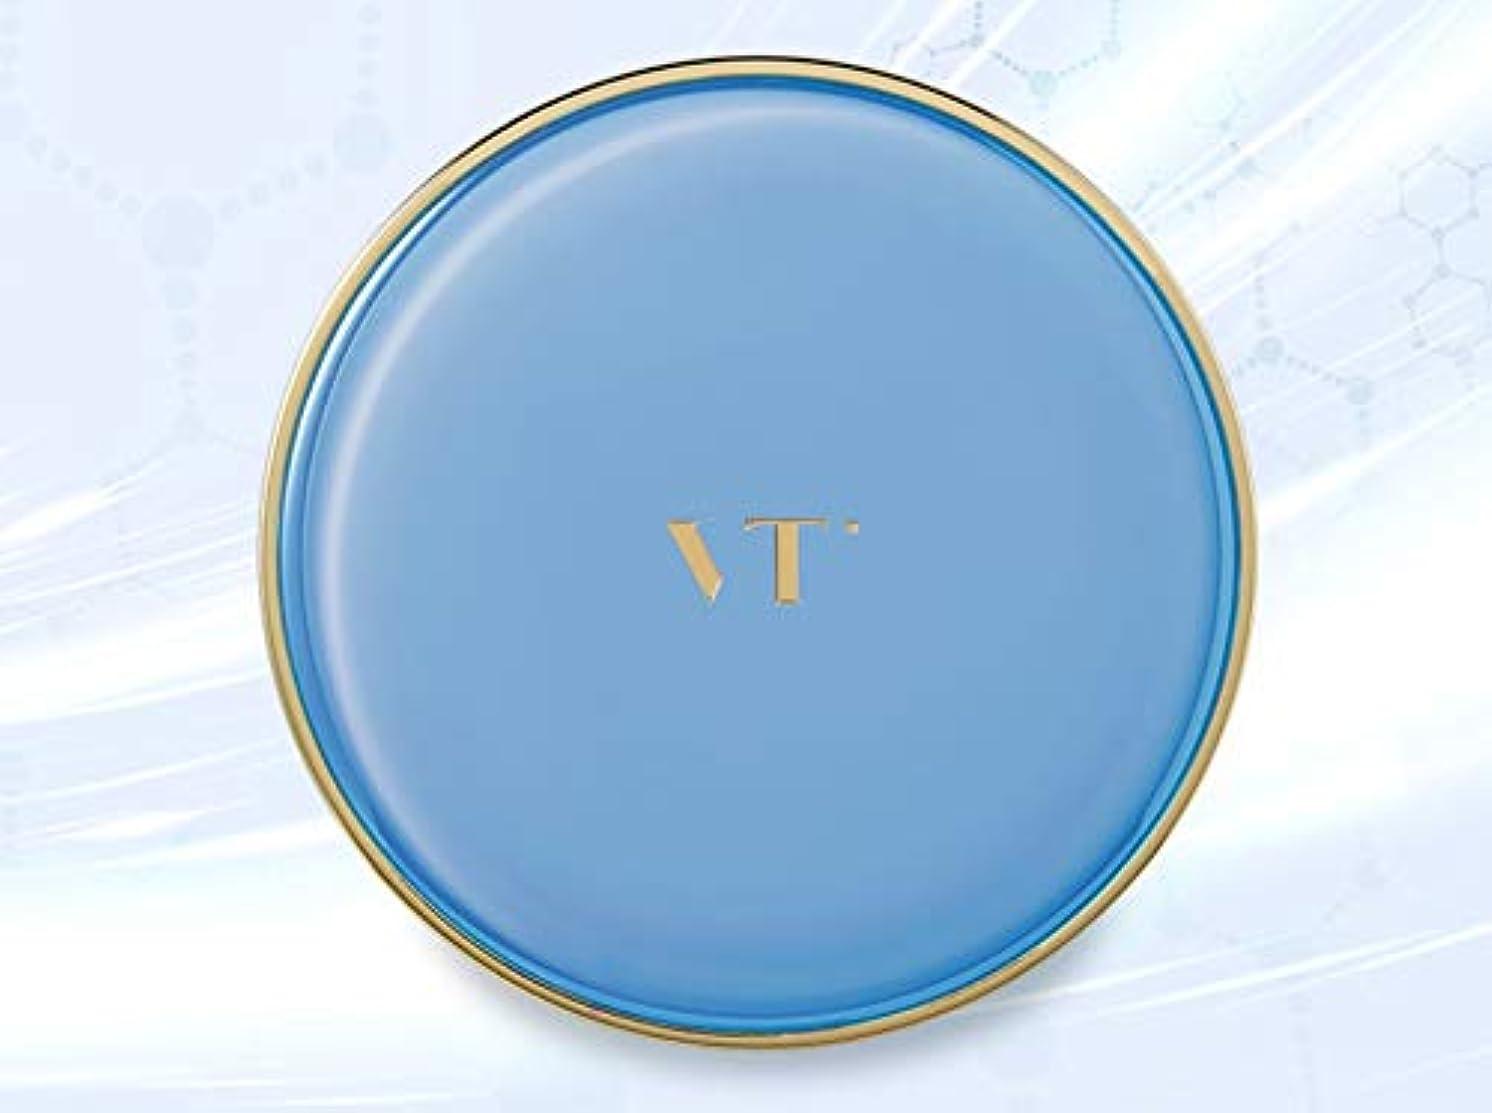 援助ブルカヌーVT ブルービタコラーゲンファクト SPF50+ PA+++ 11g / VT BLUE VITA COLLAGEN PACT 0.38 OZ [並行輸入品]